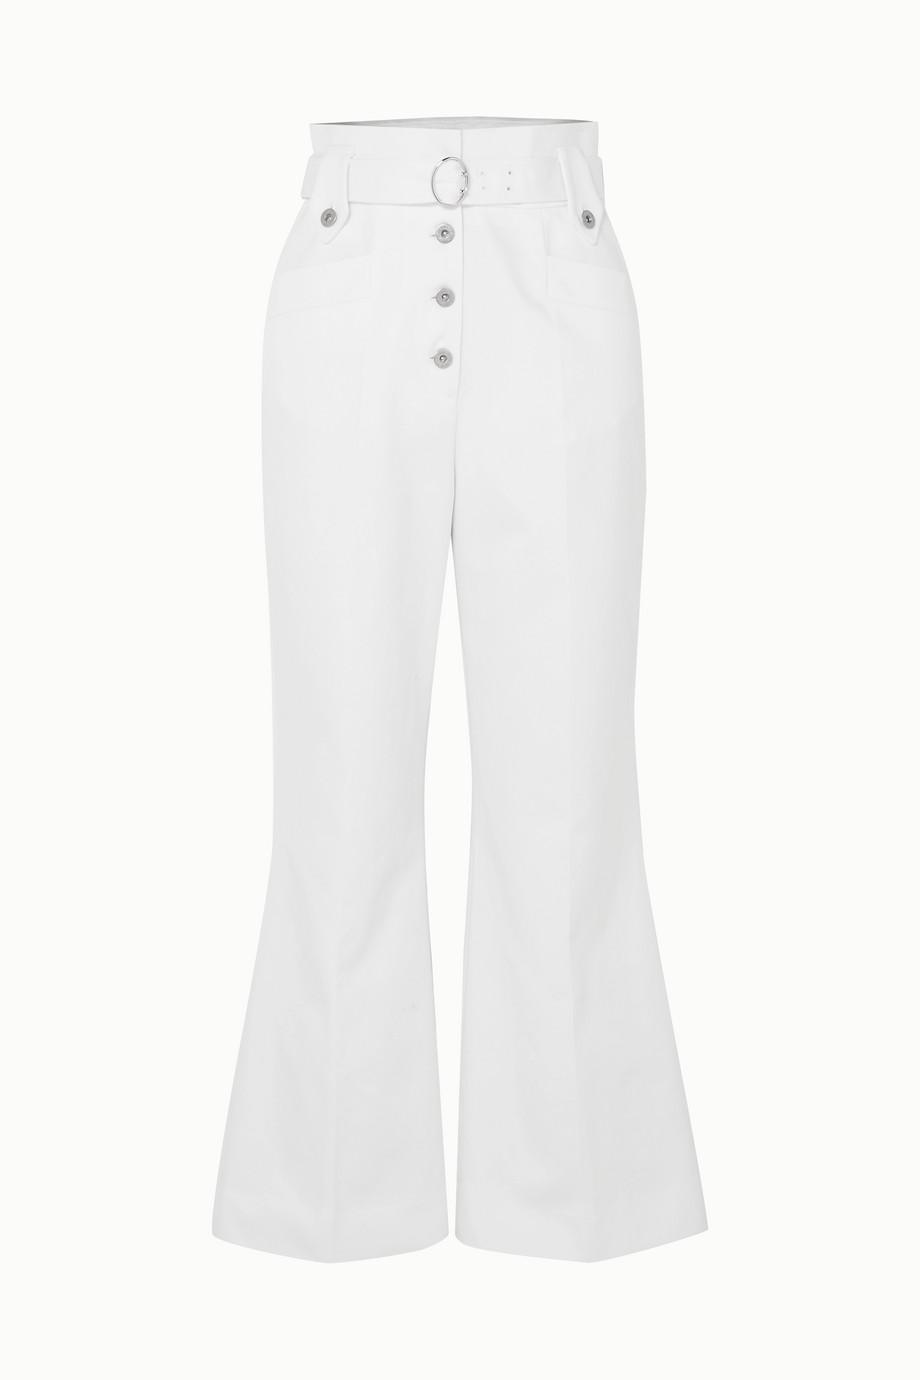 Miu Miu Belted cotton-twill flared pants